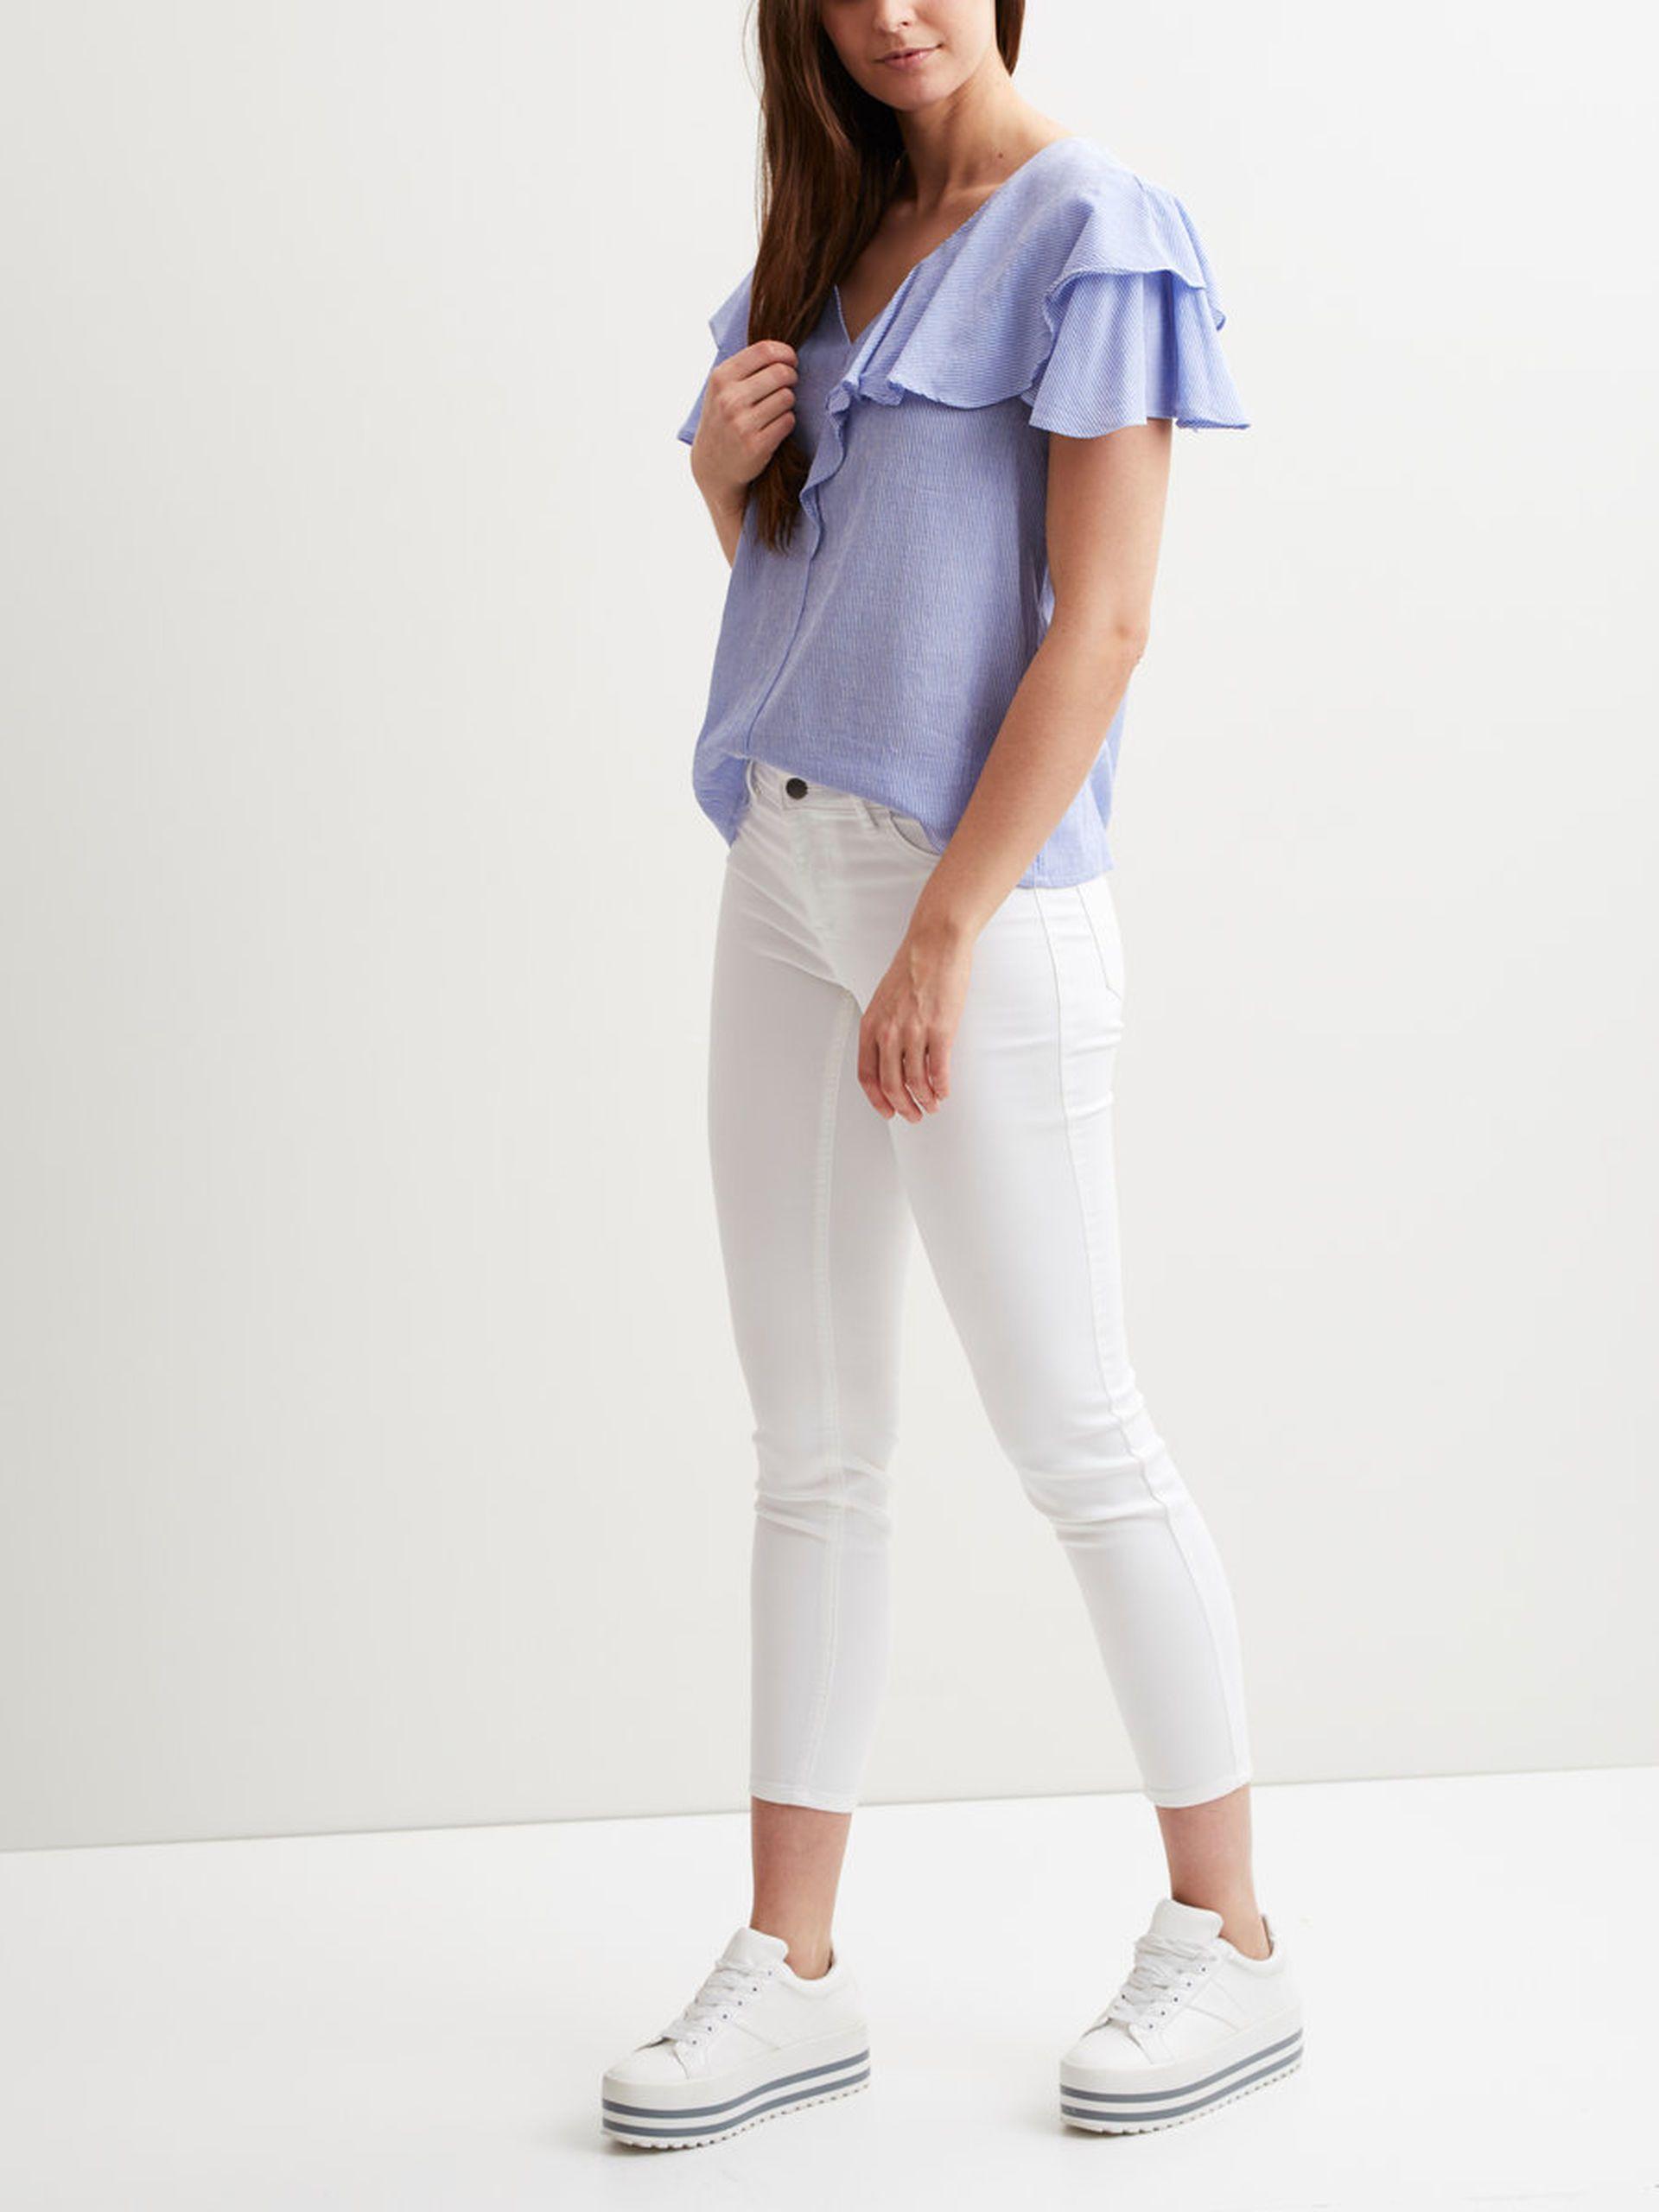 Catalogo Vila Clothes Primavera Verano 2019 Moda En Pasarela Moda Tendencias De Moda Ropa